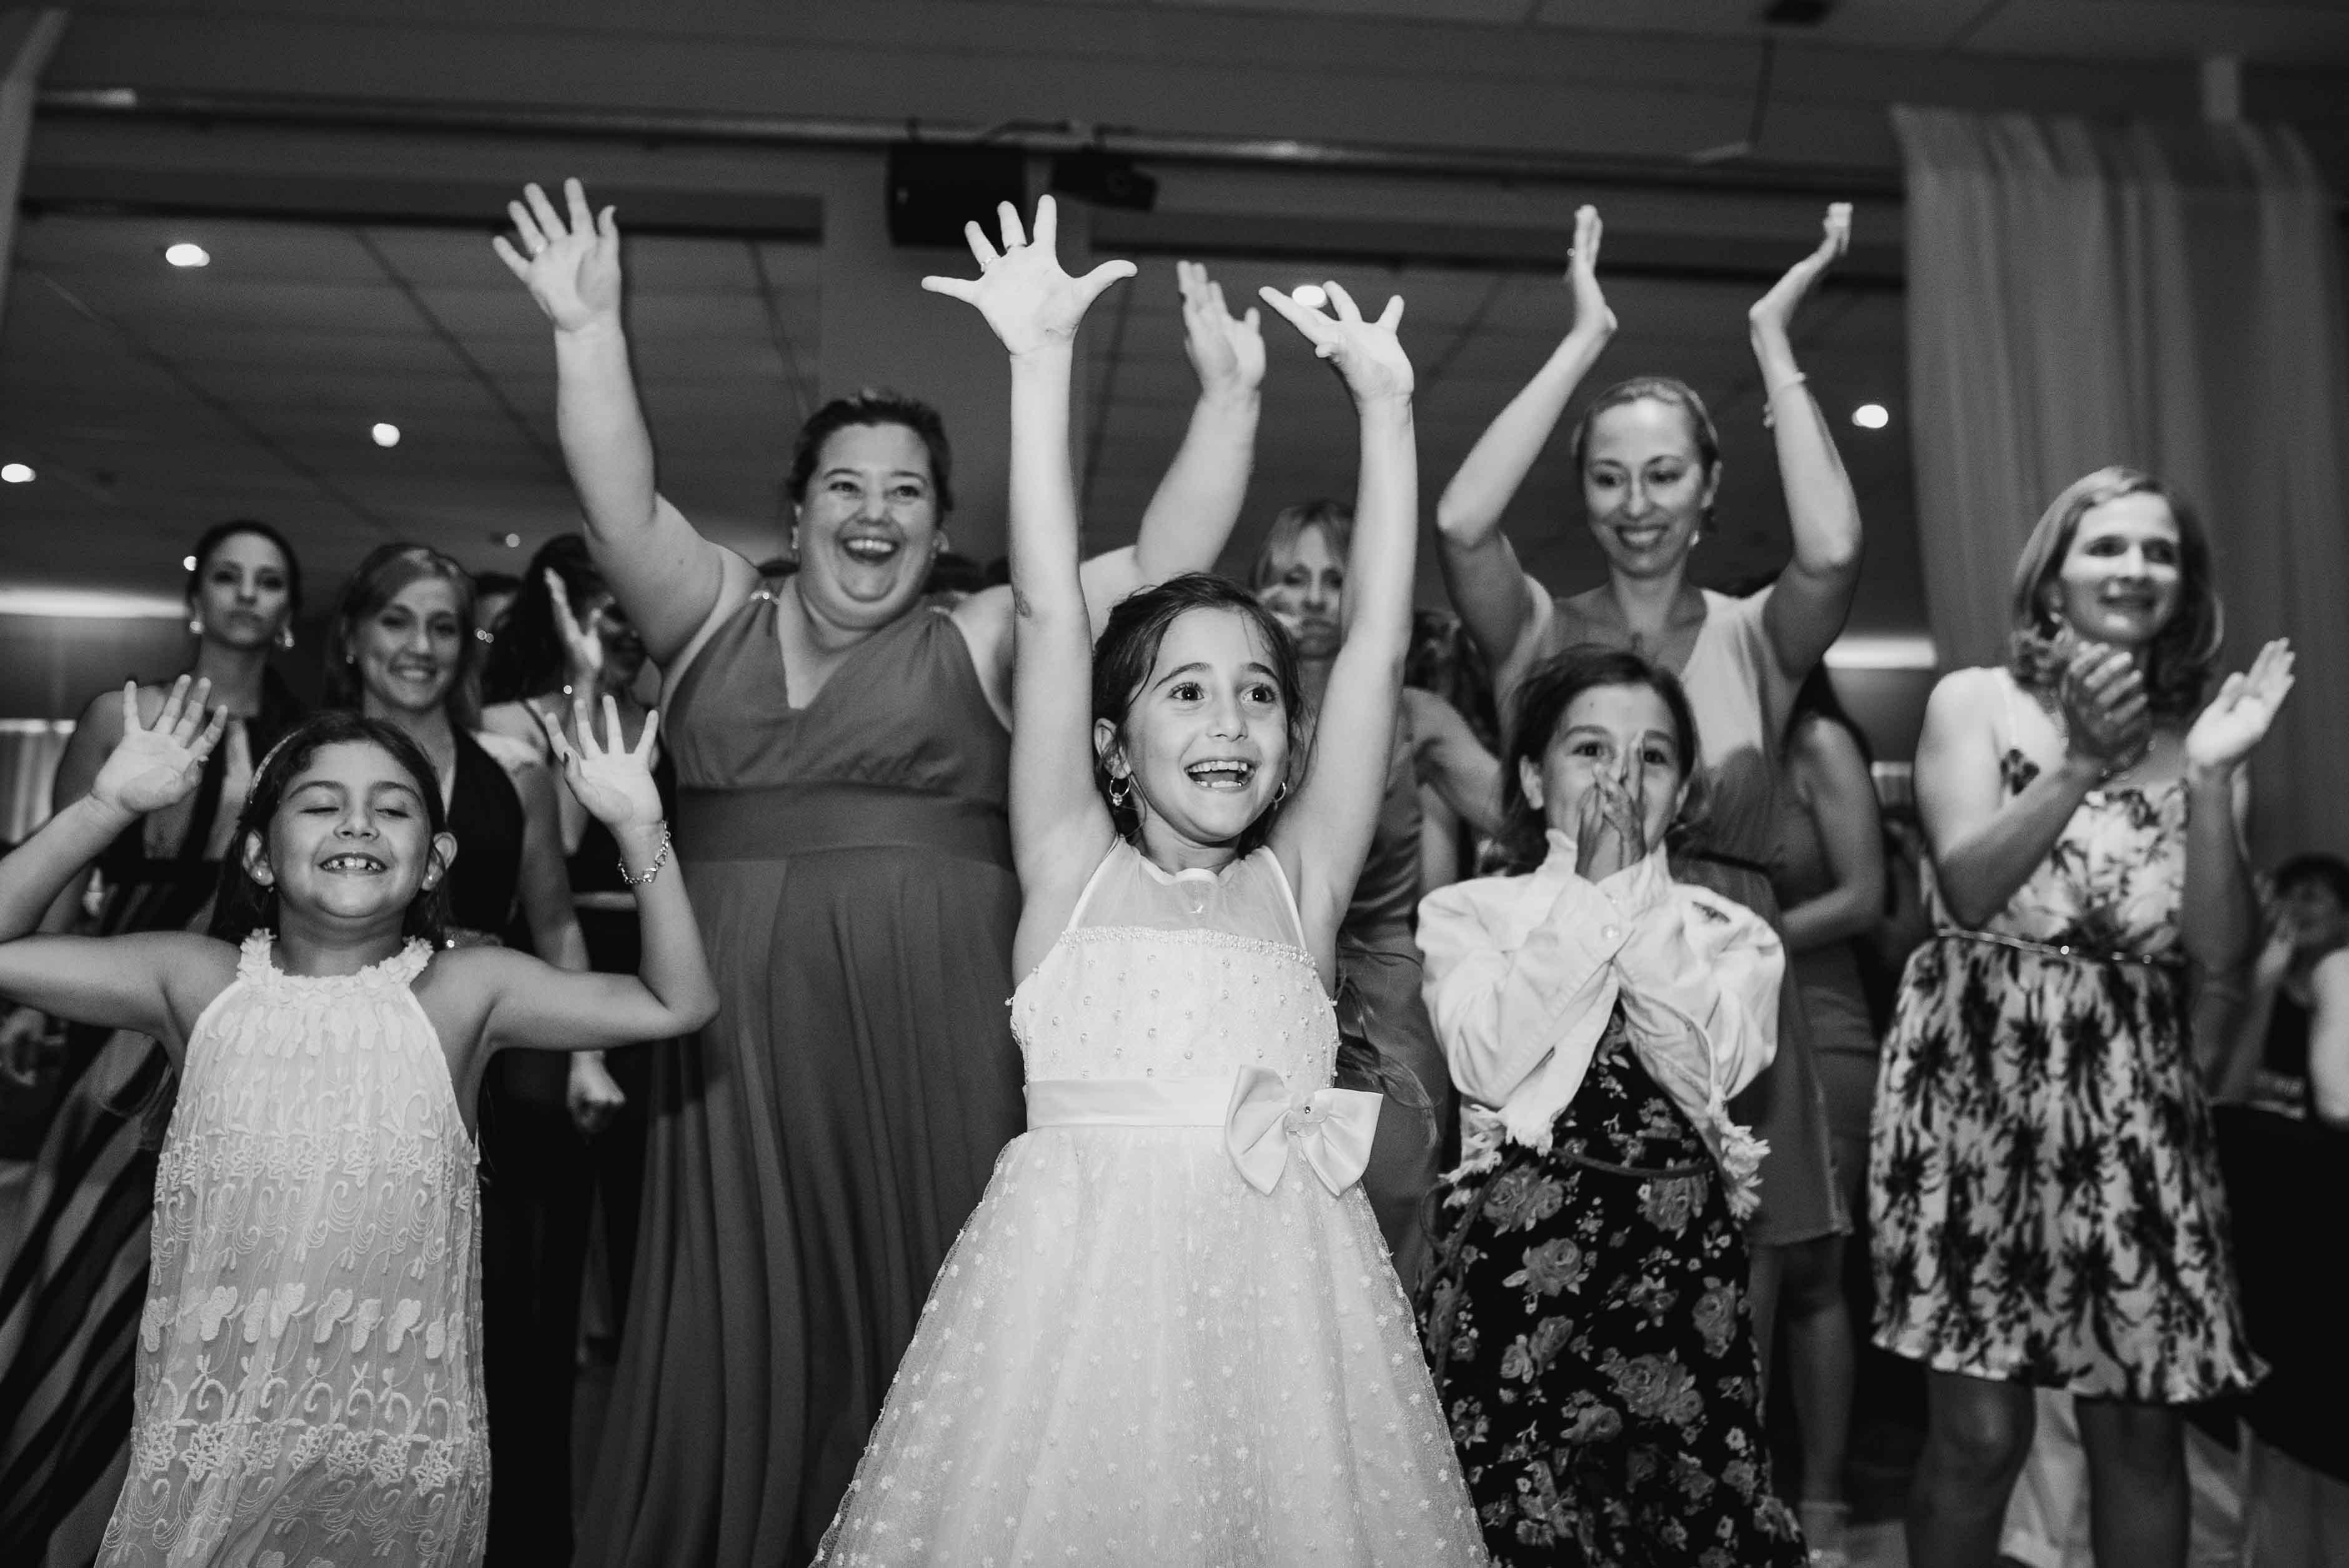 Fotos de la boda de Vane y Diego en Casilda realizadas por Bucle Fotografias Flor Bosio y Caro Clerici